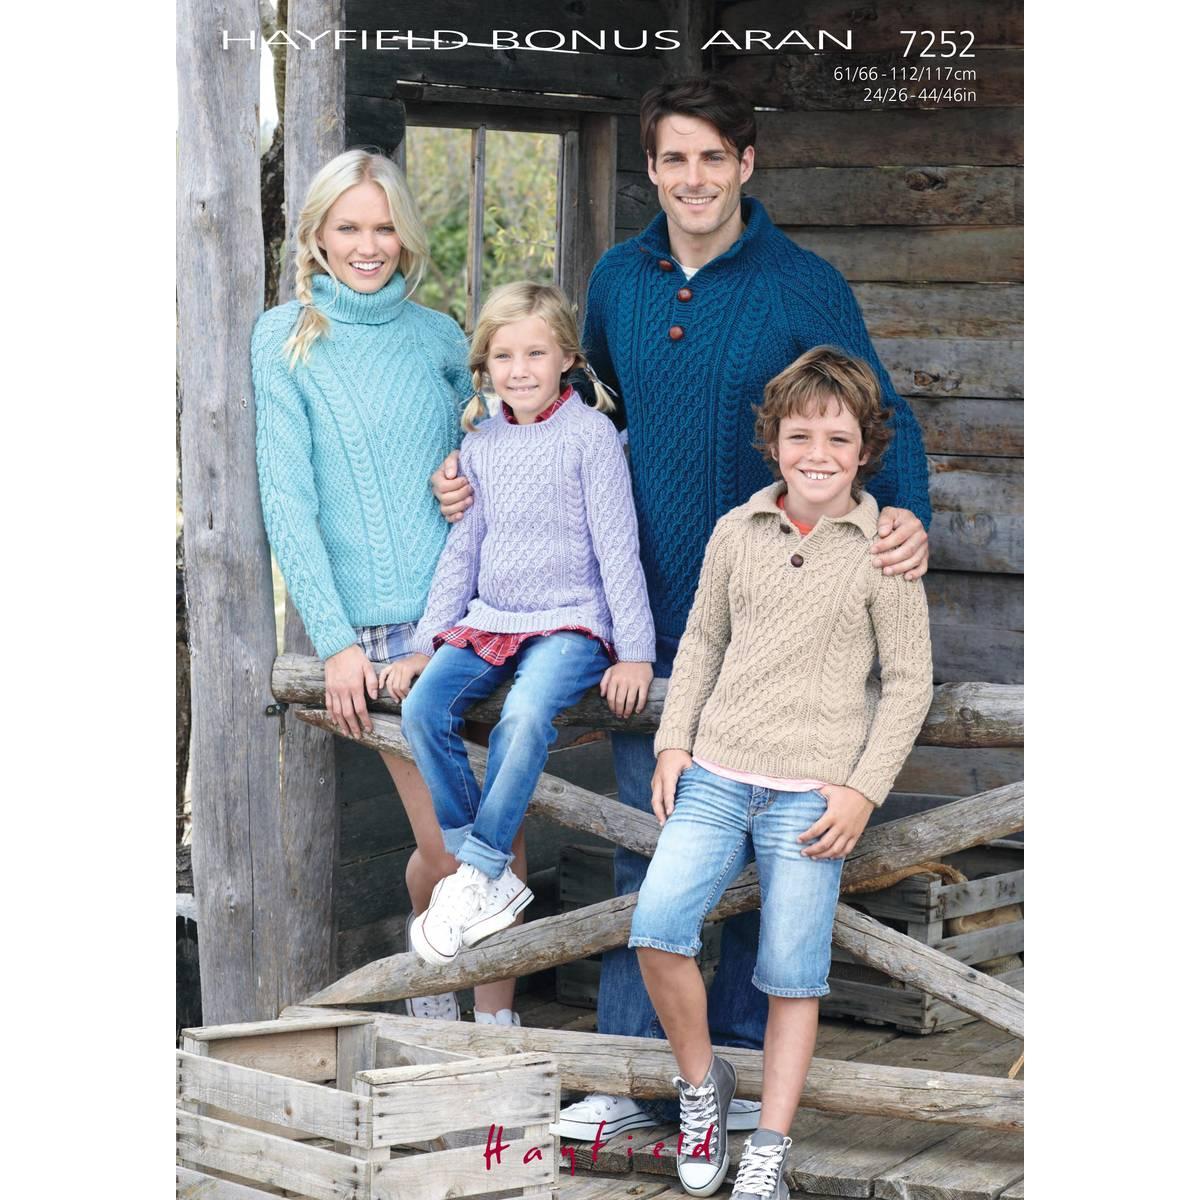 Hayfield 7252 - Sweaters in Bonus Aran Pattern